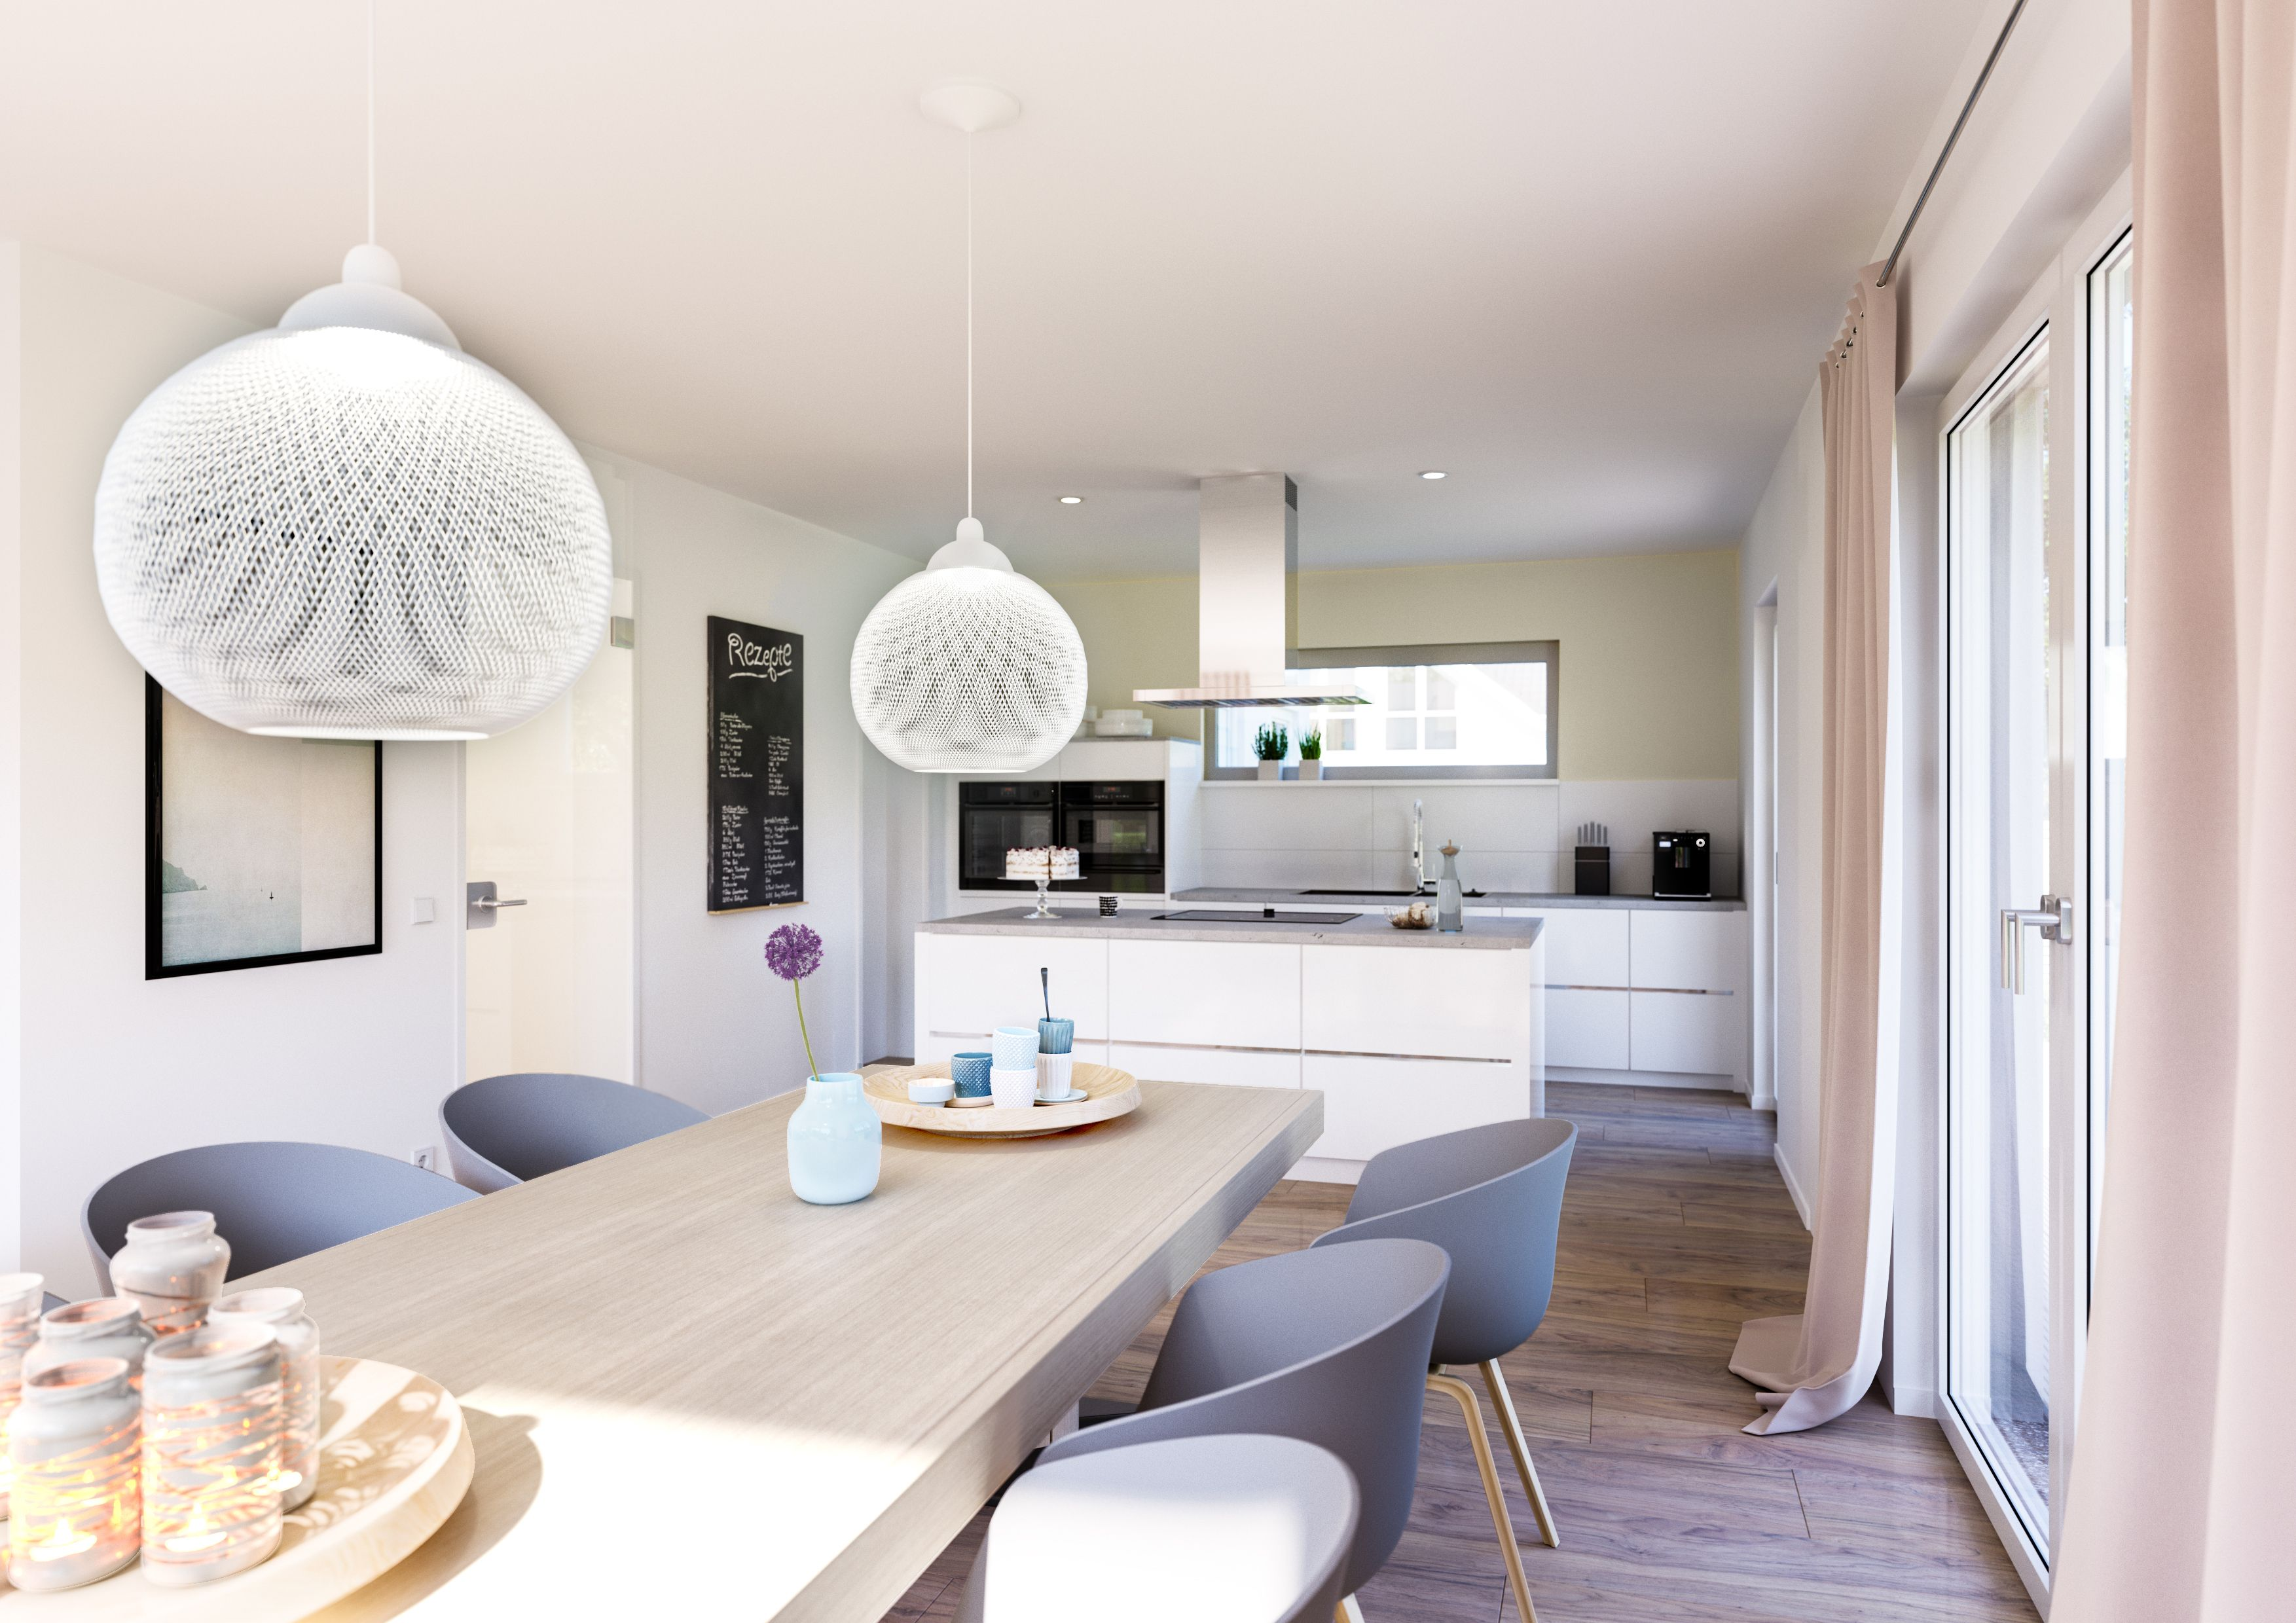 Familienhuser  Wohn esszimmer Wohnen und Haus kchen